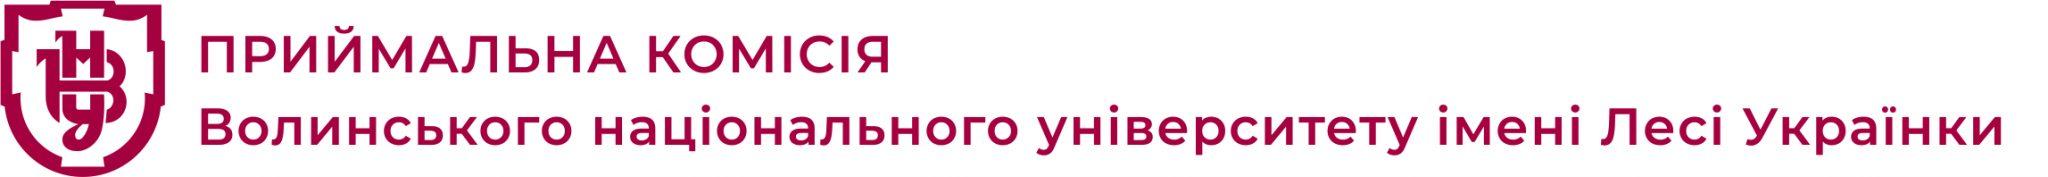 Приймальна комісія Волинського національного університету імені Лесі Українки